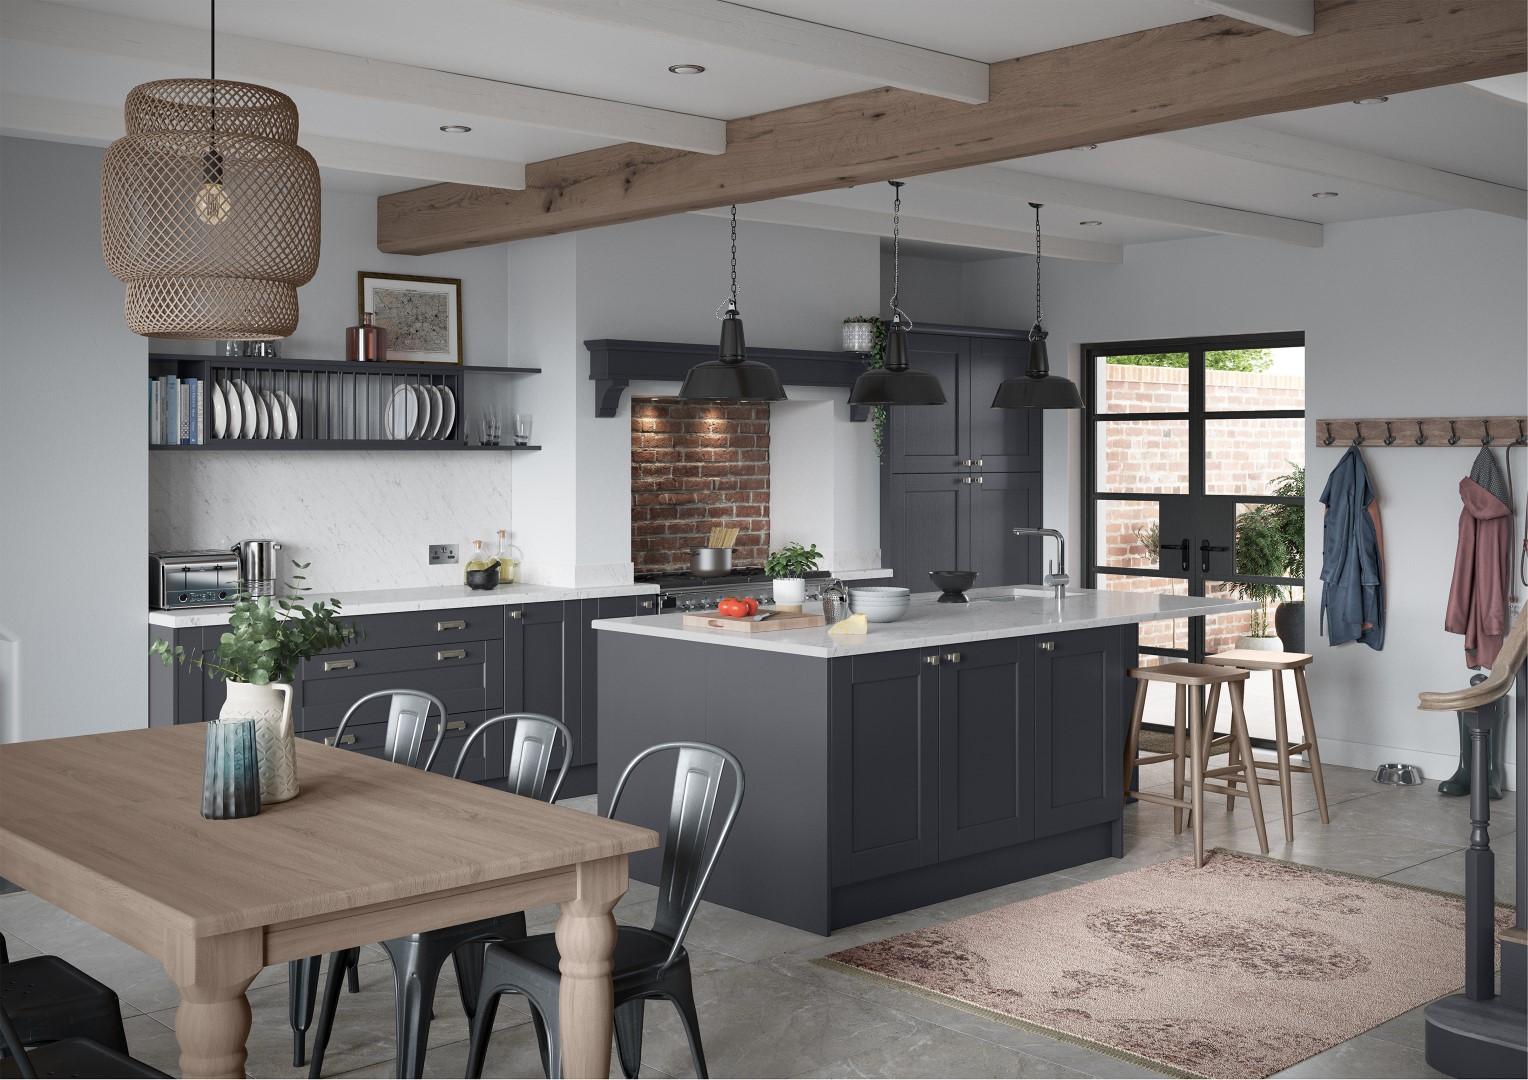 Kensington Indigo - Kitchen Design - Alan Kelly Kitchens - Waterford - 7